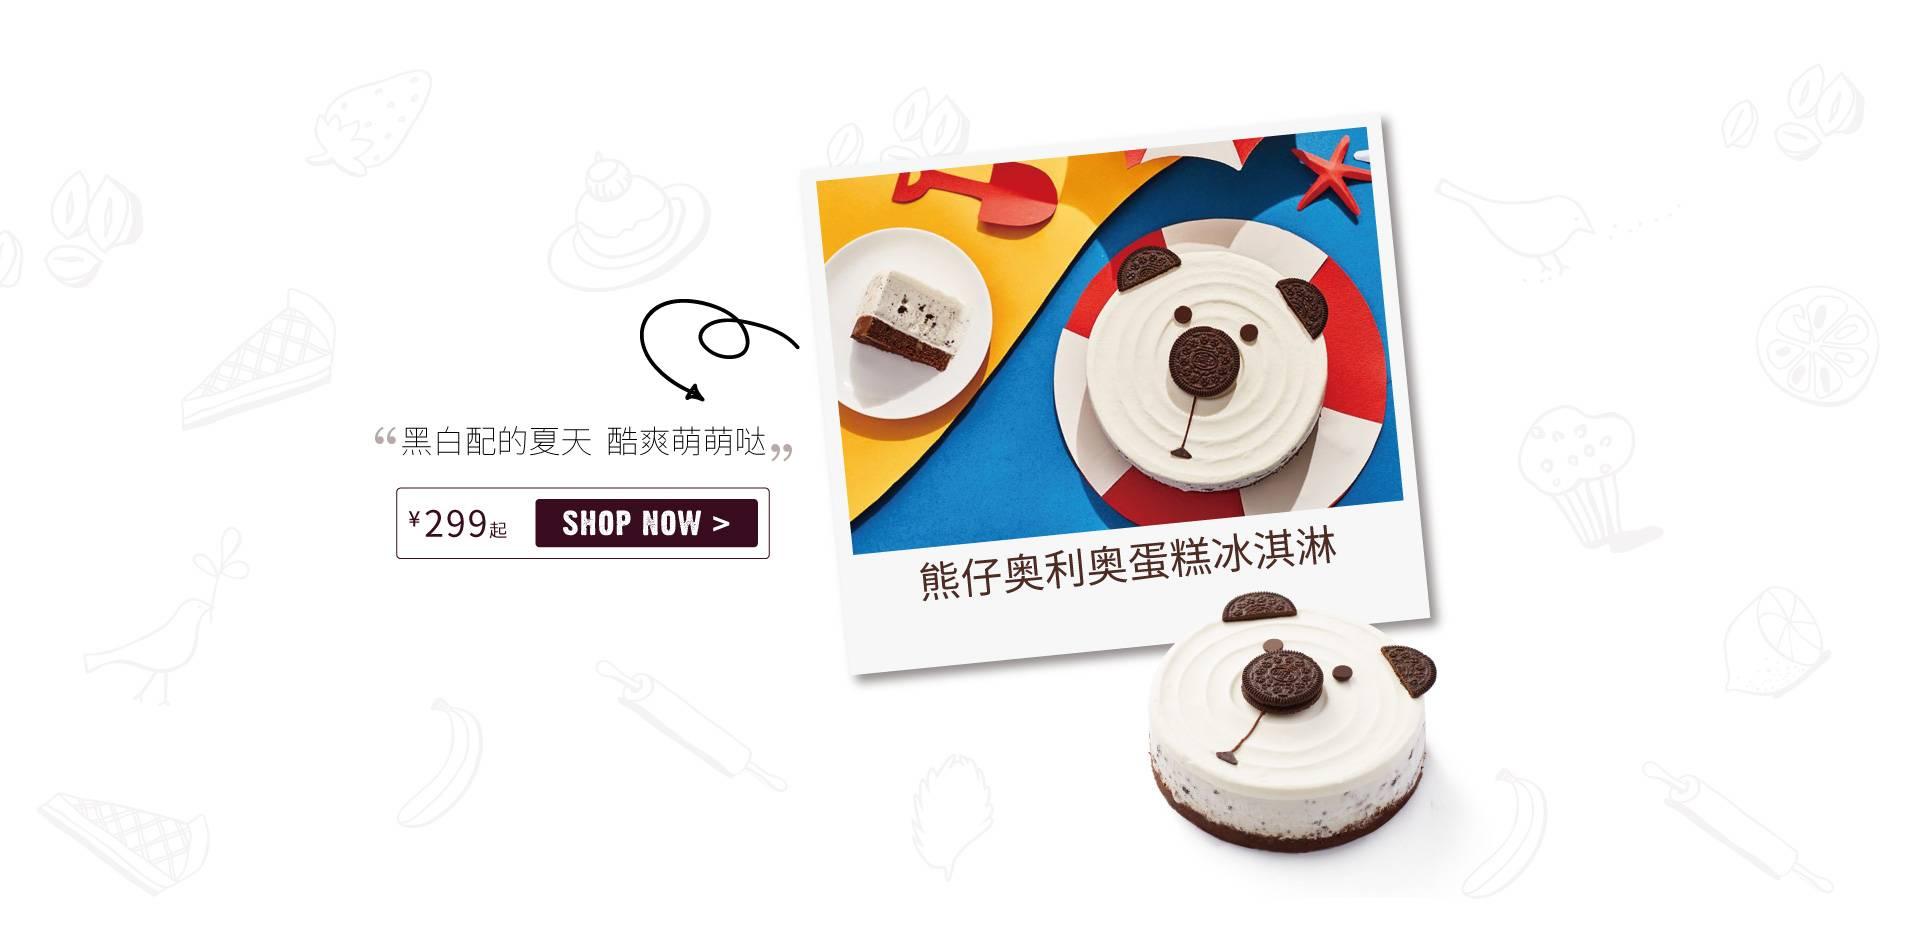 熊仔奥利奥蛋糕冰淇淋